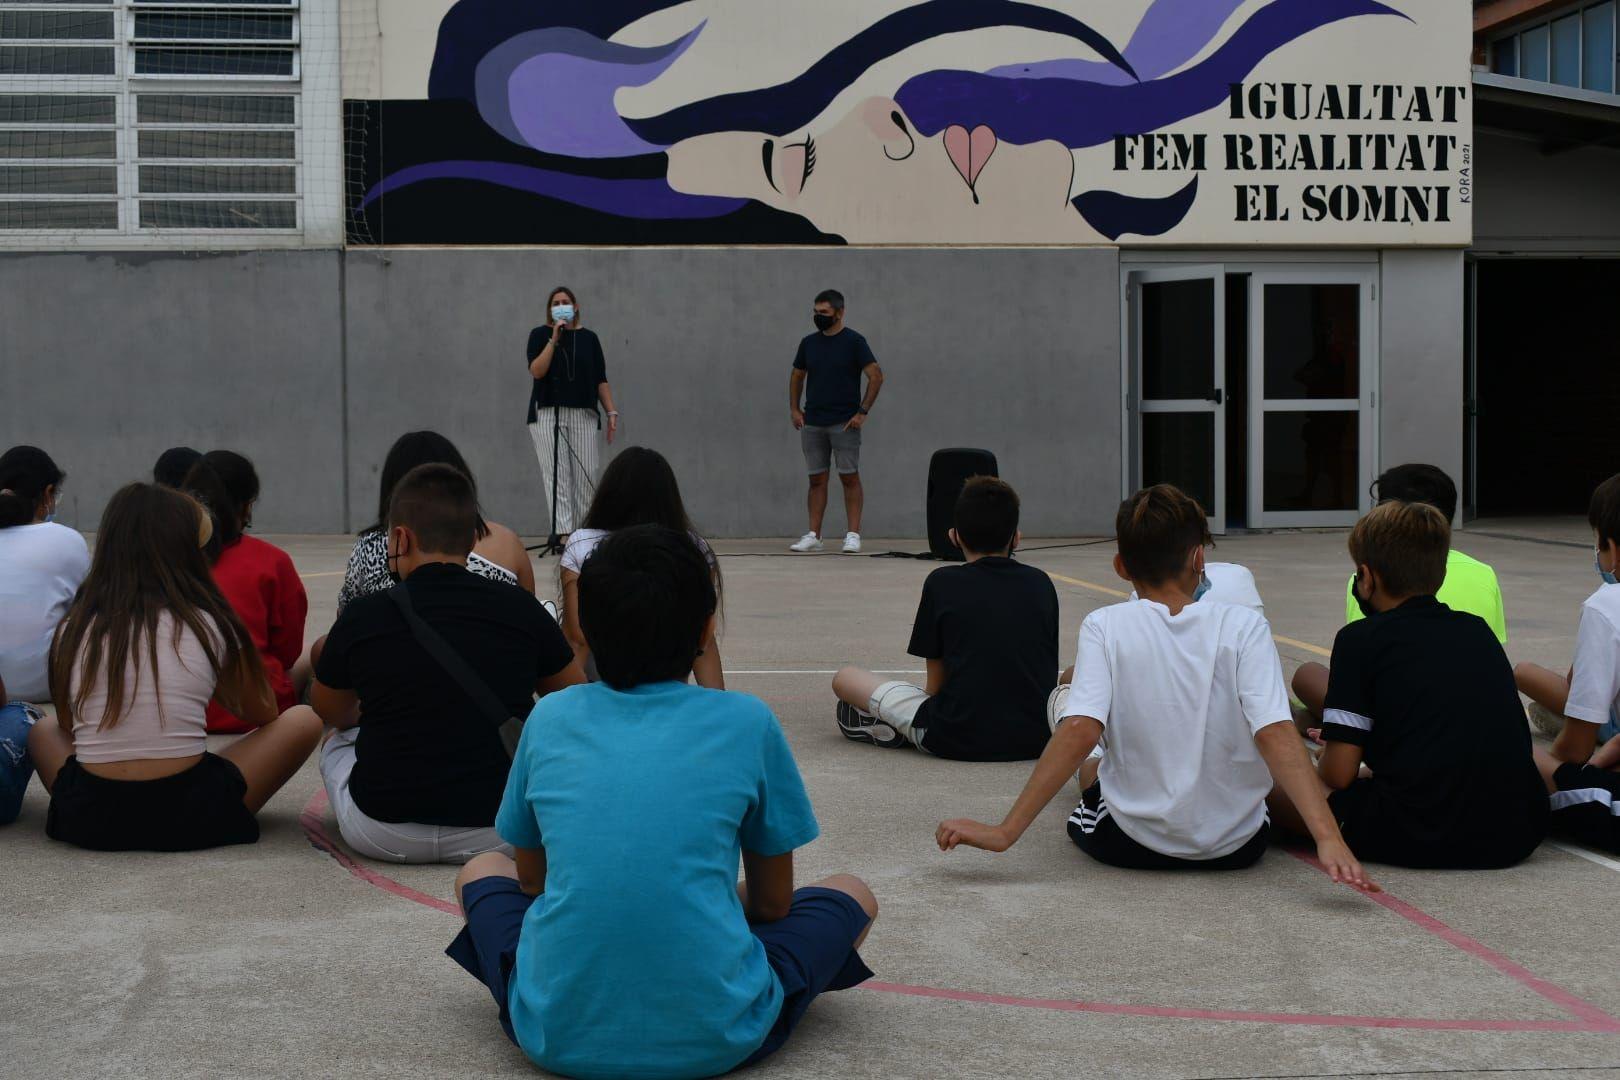 L'Institut Narcís Monturiol de Figueres inaugura murals dedicats al centre i a la igualtat